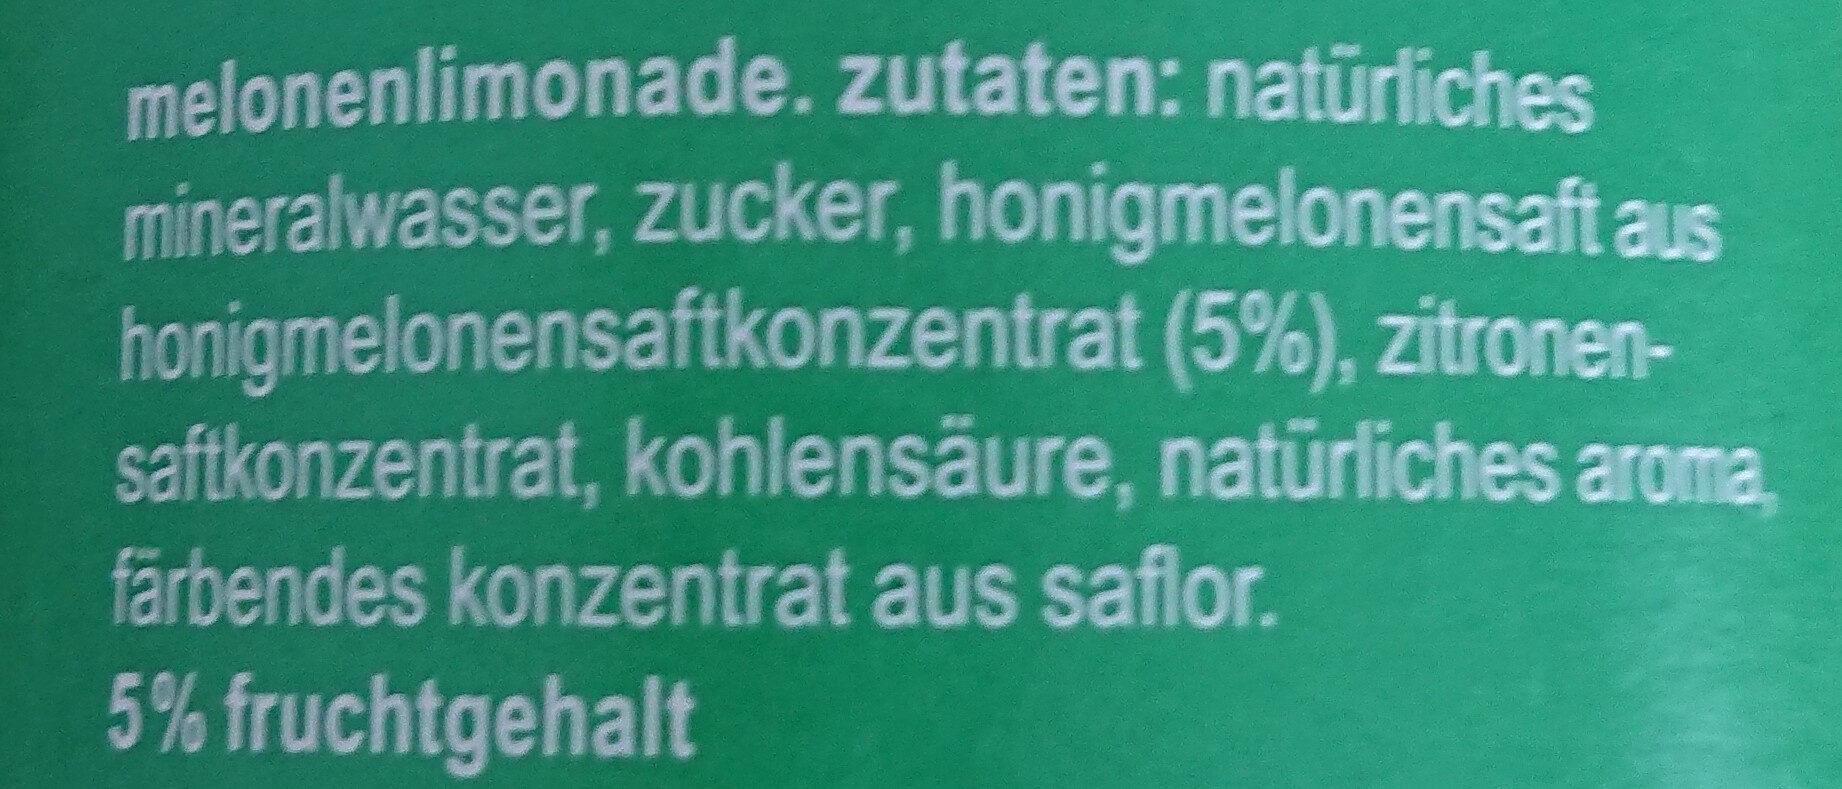 fritz-limo Melonenlimonade - Ingredients - de